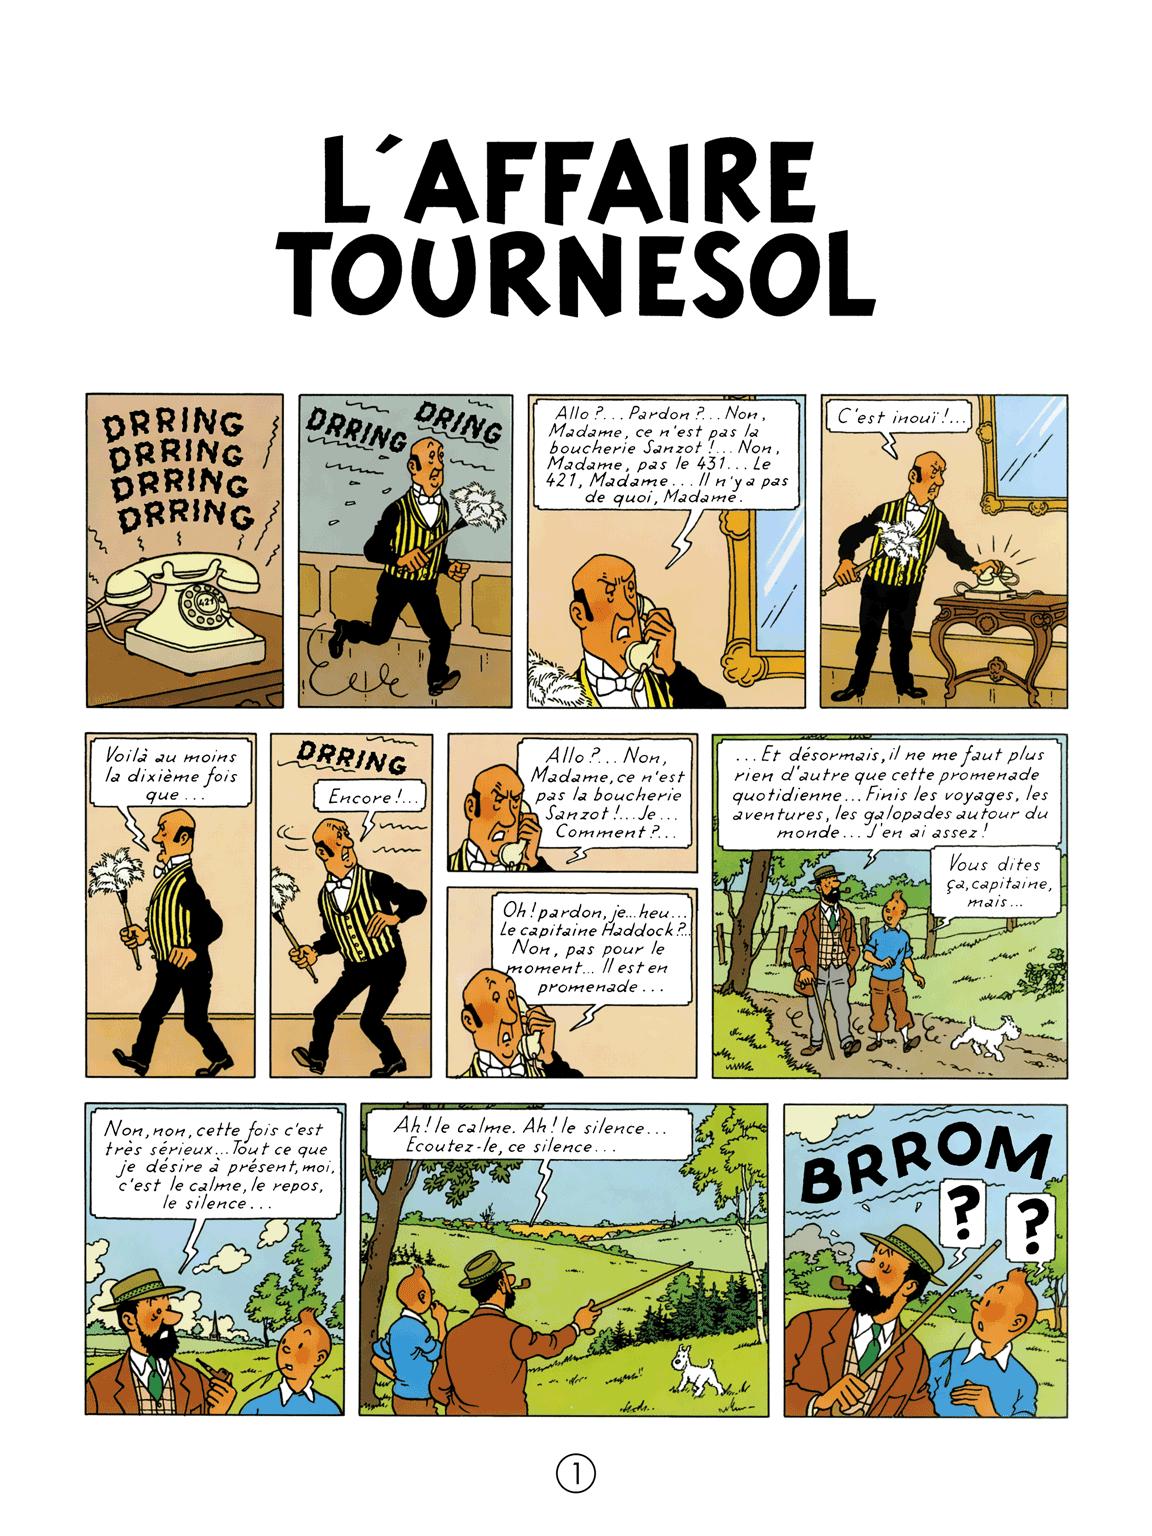 L'Affaire Tournesol - page 1